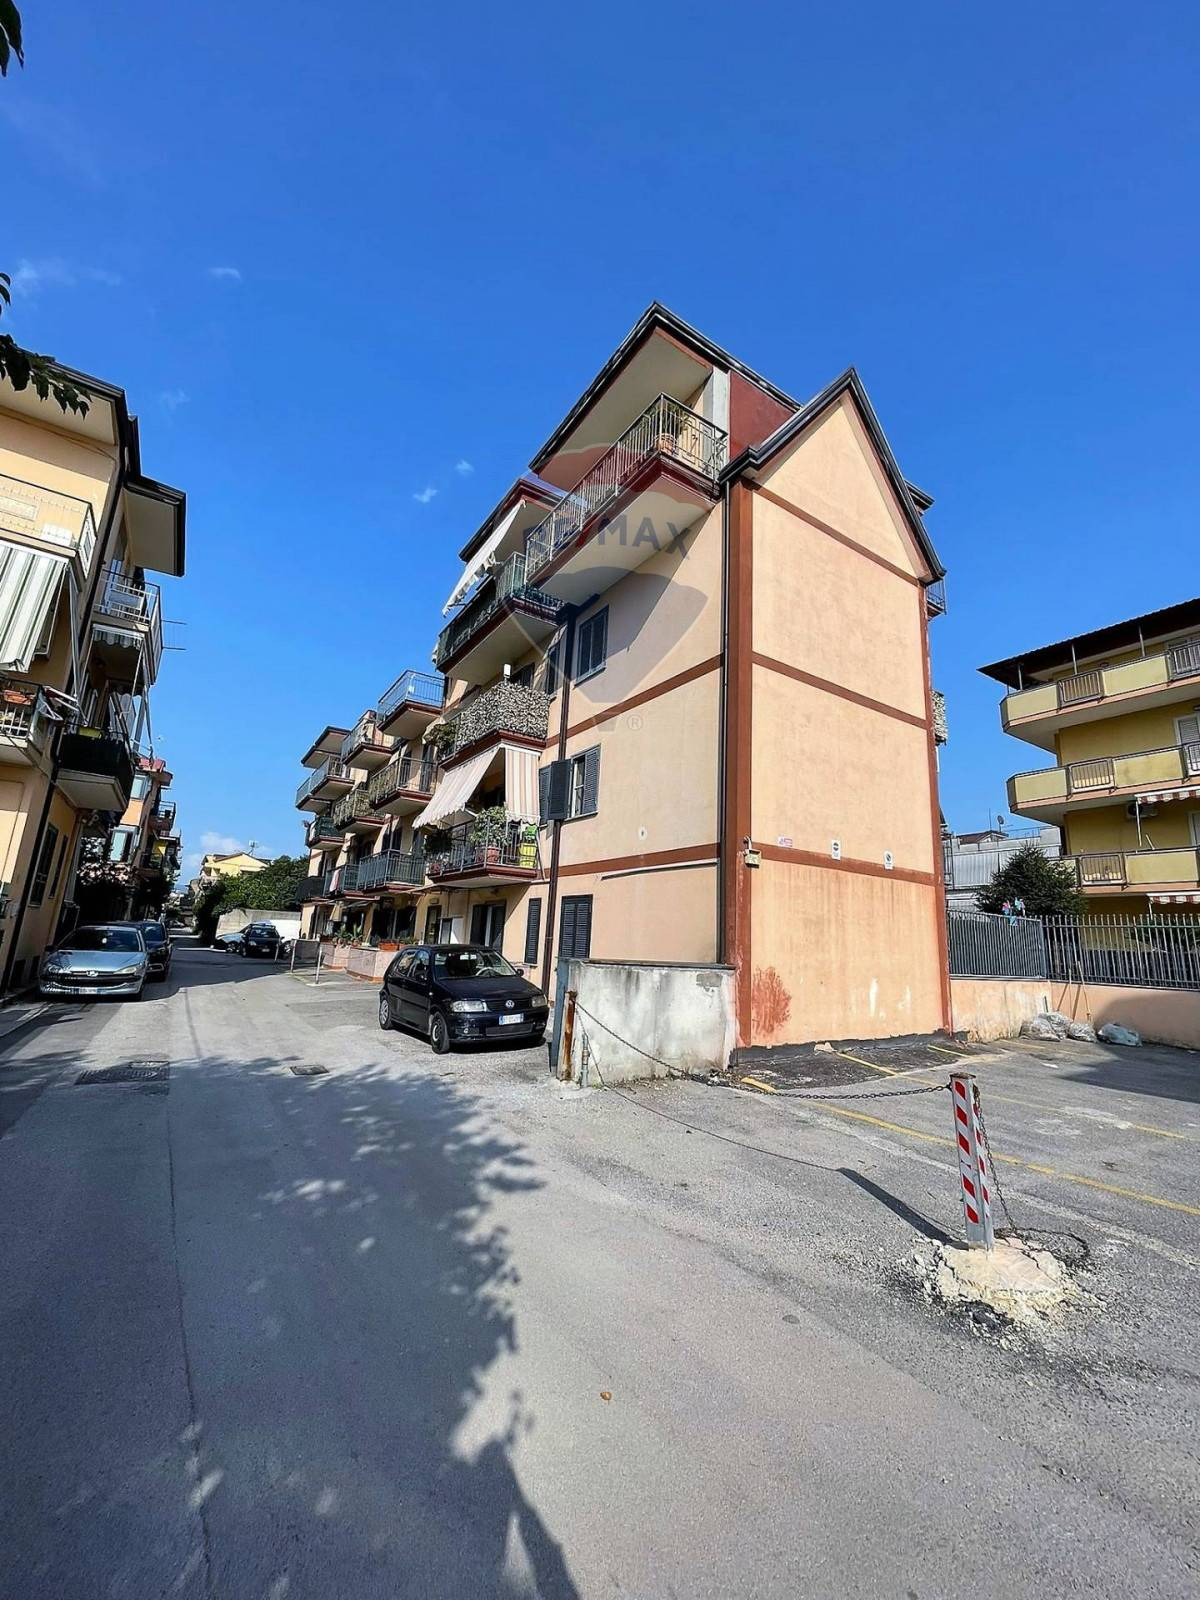 Appartamento in vendita a Acerra, 3 locali, prezzo € 86.000 | CambioCasa.it